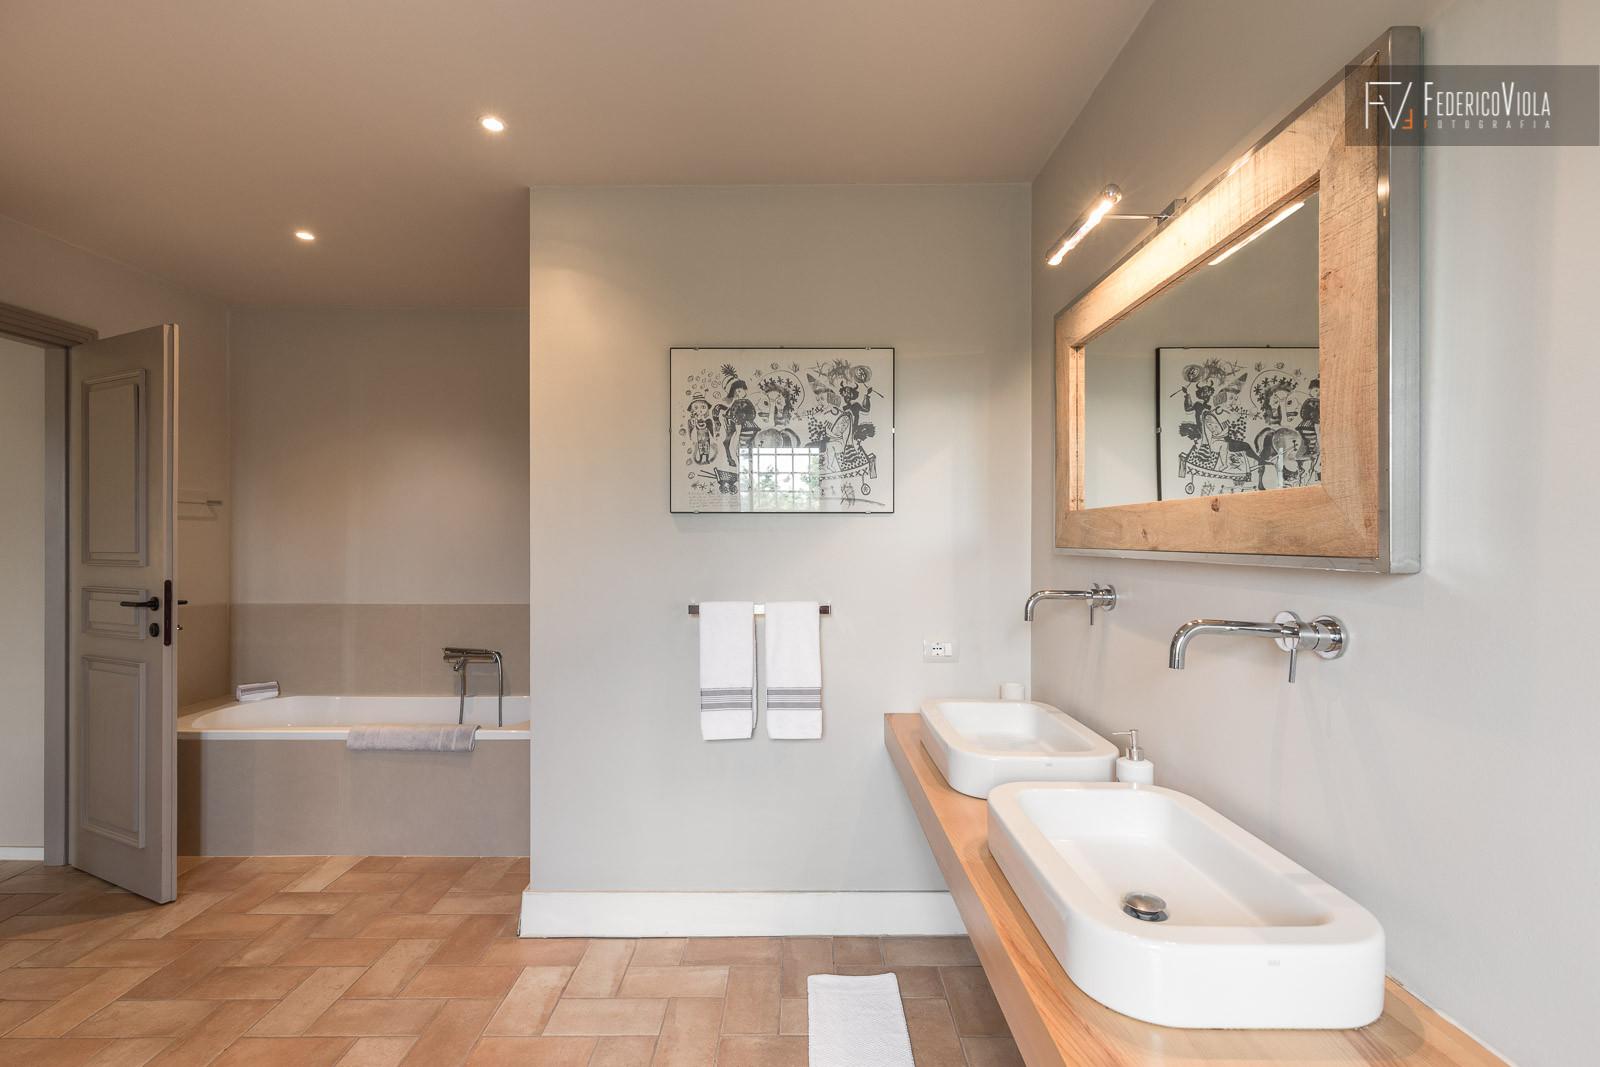 Sala da bagno - fotografo di interni Federico Viola Fotografia